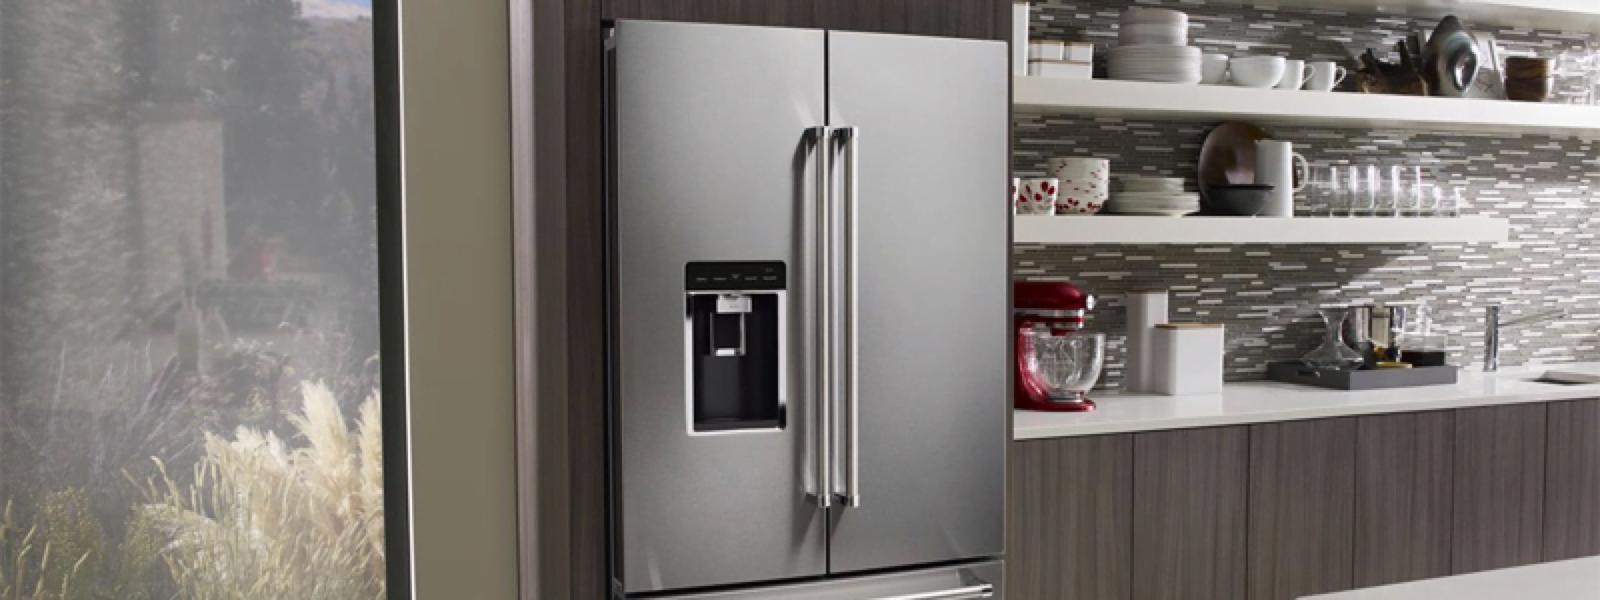 frigider cu 2 compresoare bun